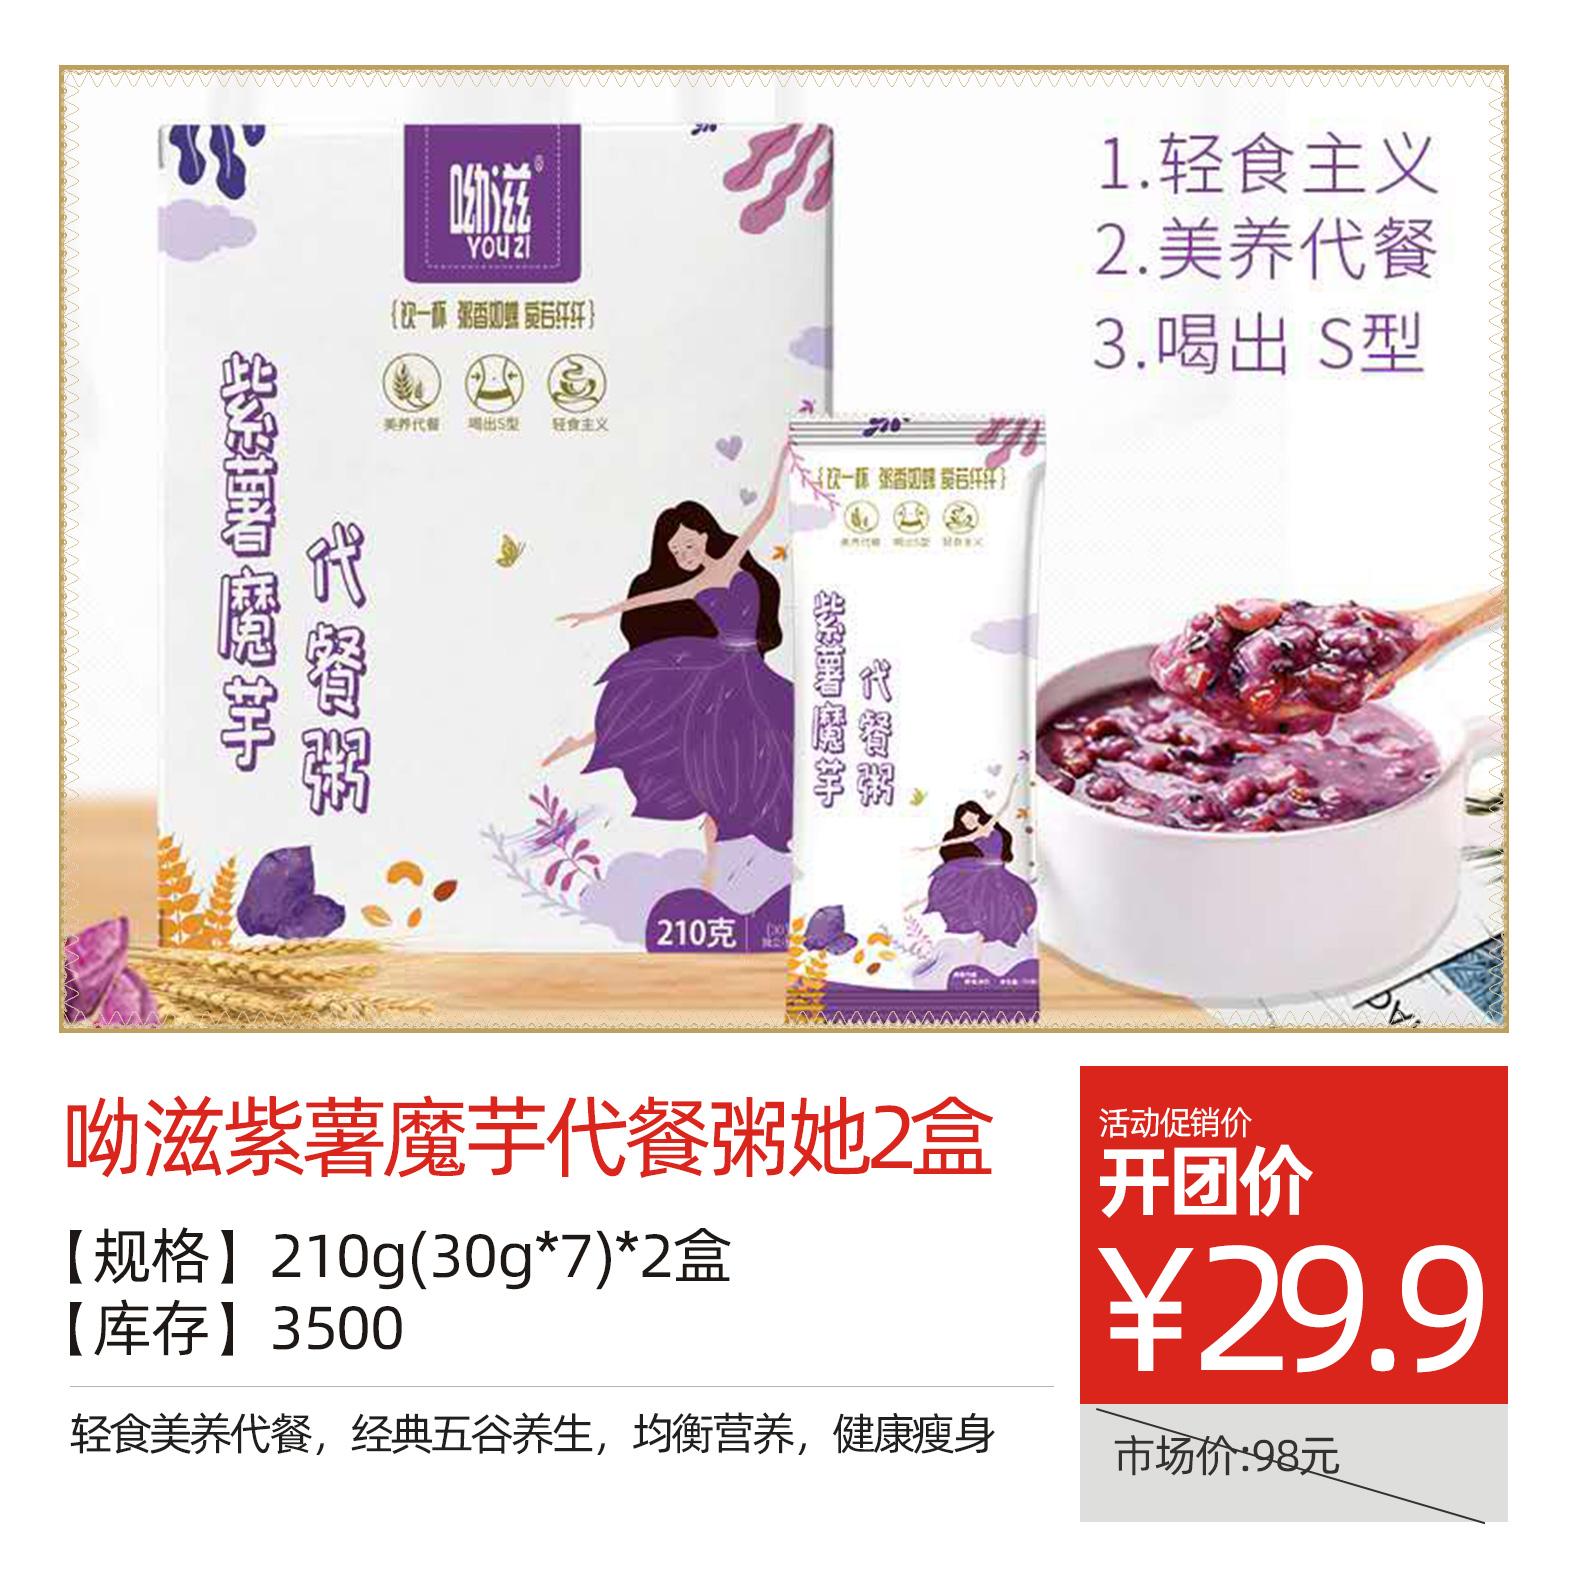 呦滋紫薯魔芋代餐粥她2盒